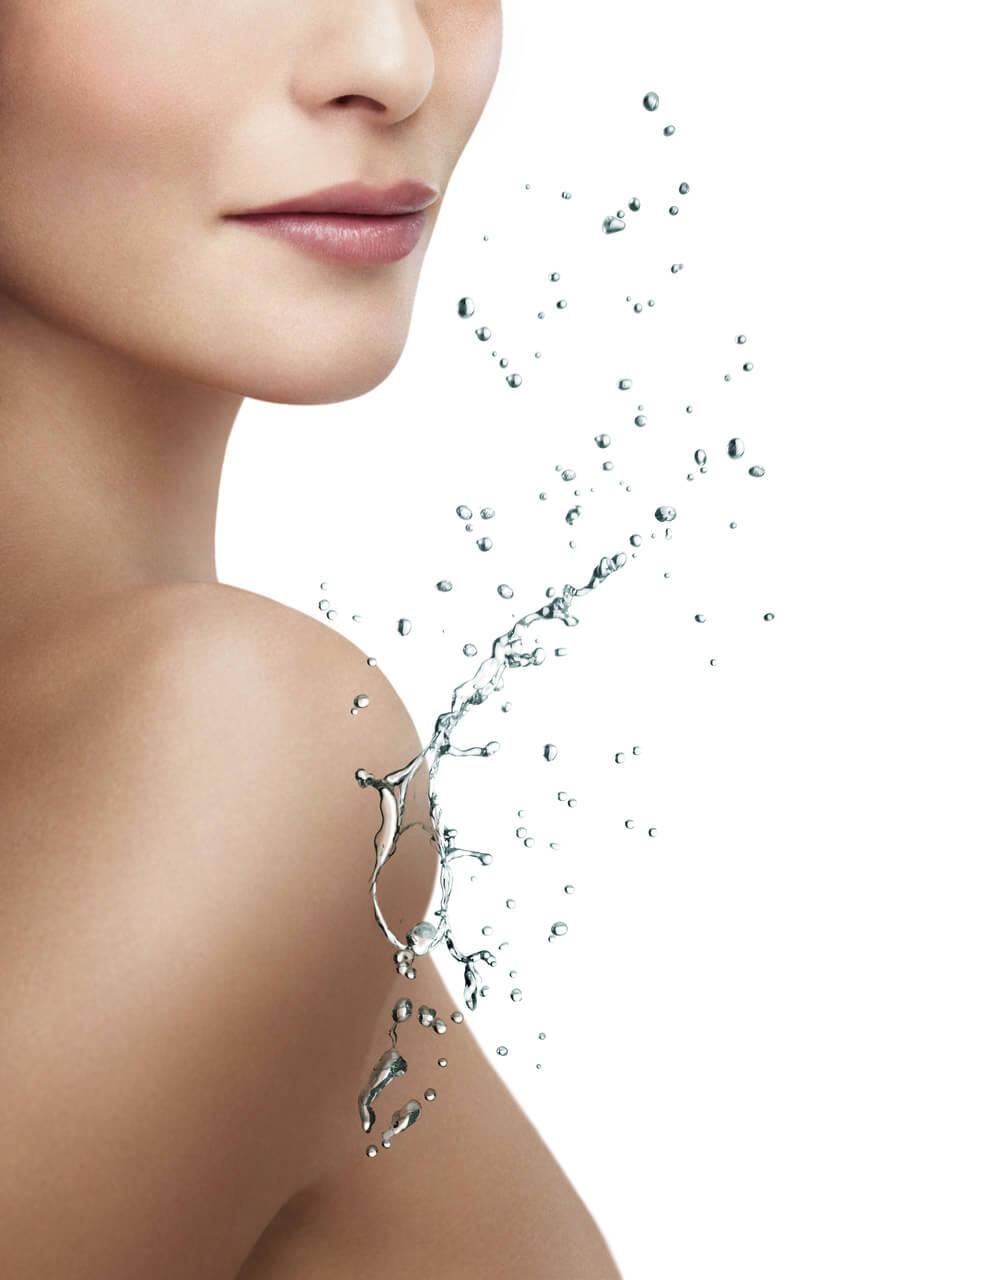 Soin esthétique, hydratation de la peau, traitement peaux sensibles, centre d'esthétique Longueuil